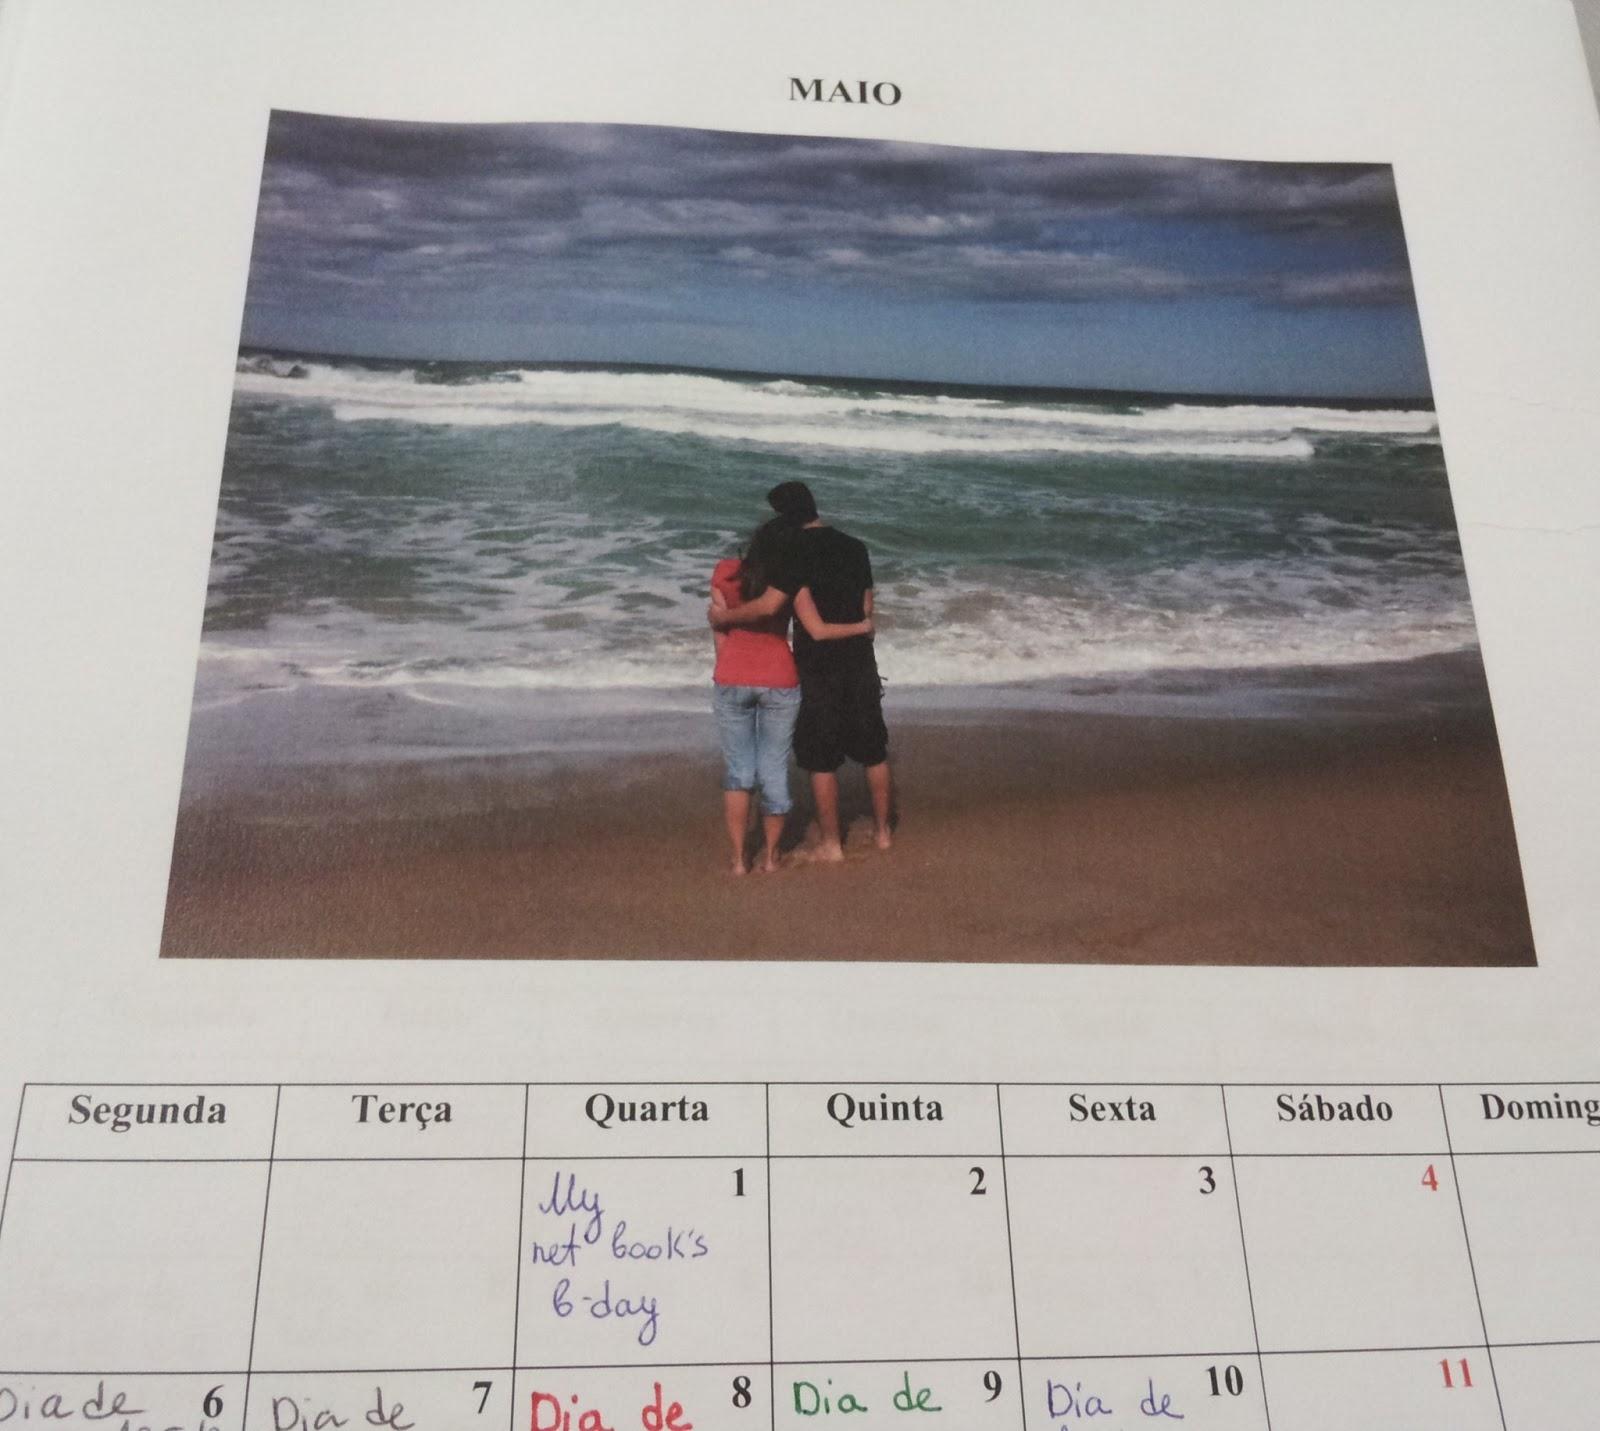 surpresa para namorado (marido) - calendário de amor